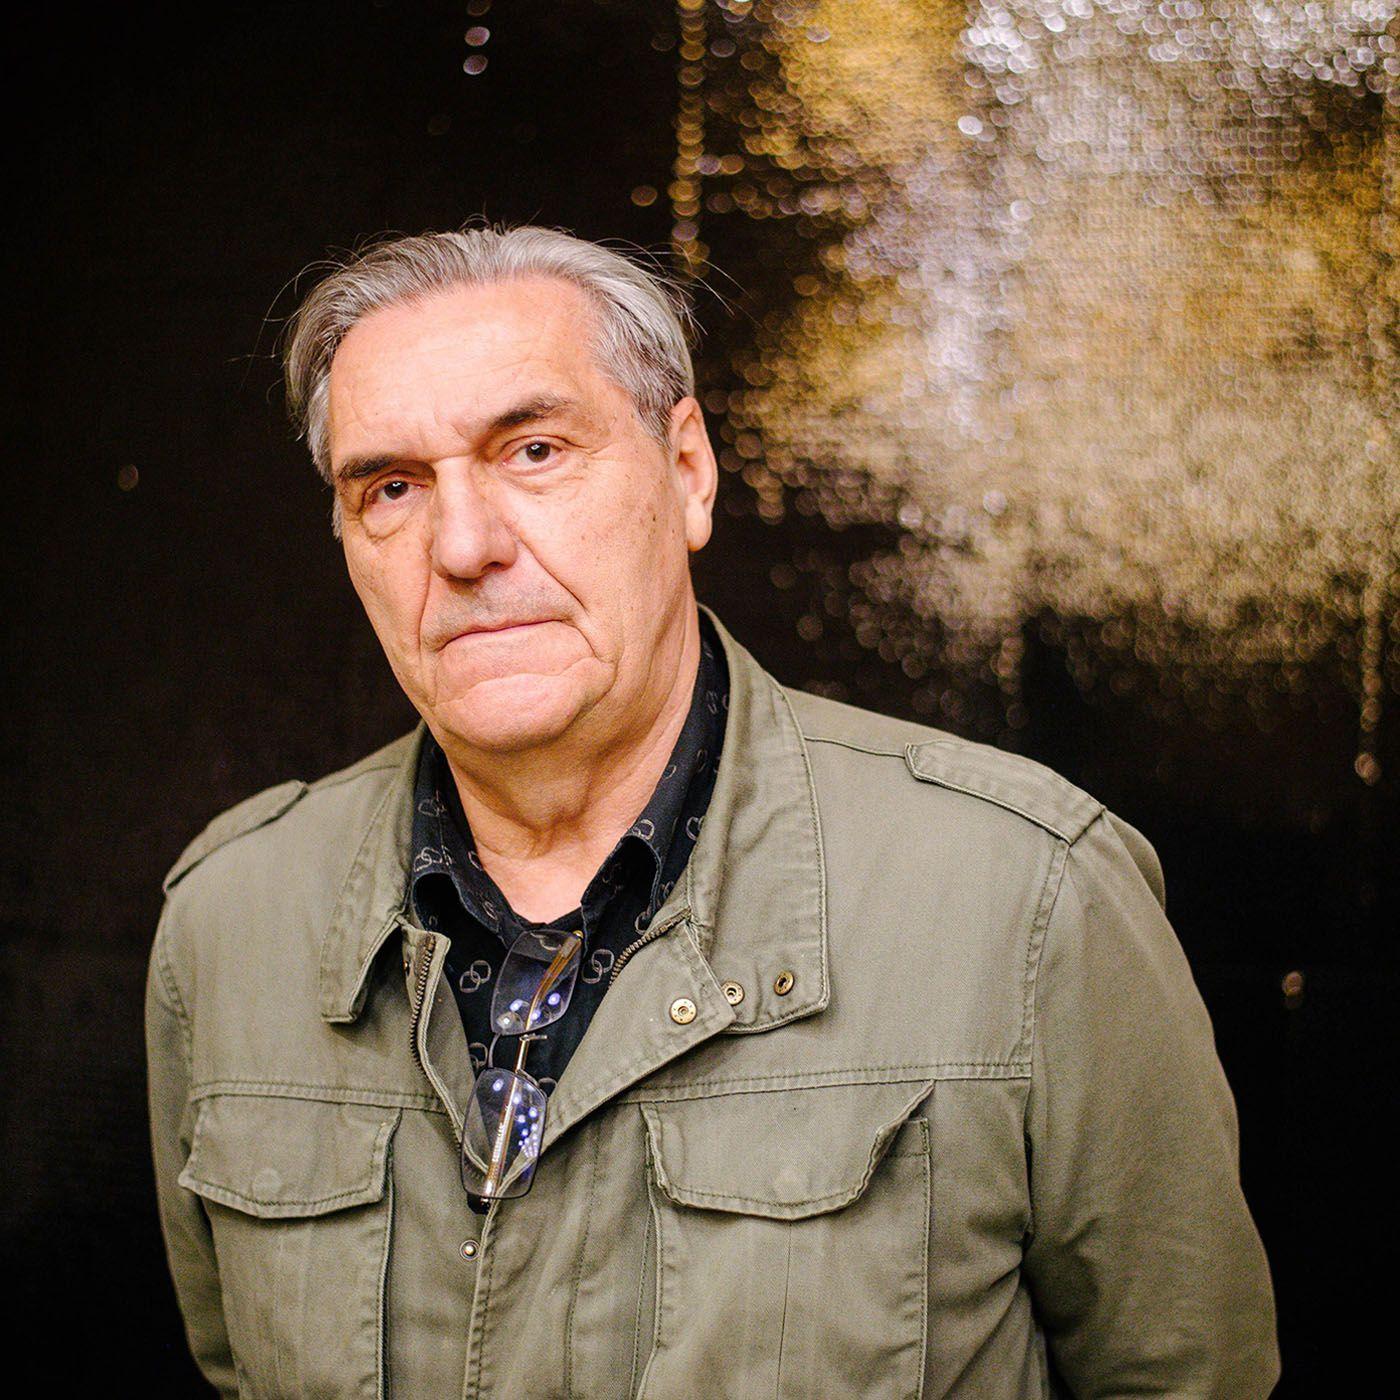 """Pala pala... Legendinės grupės """"Antis"""" lyderis Algirdas Kaušpėdas atvirai apie meilę, kūrybą ir netektis"""